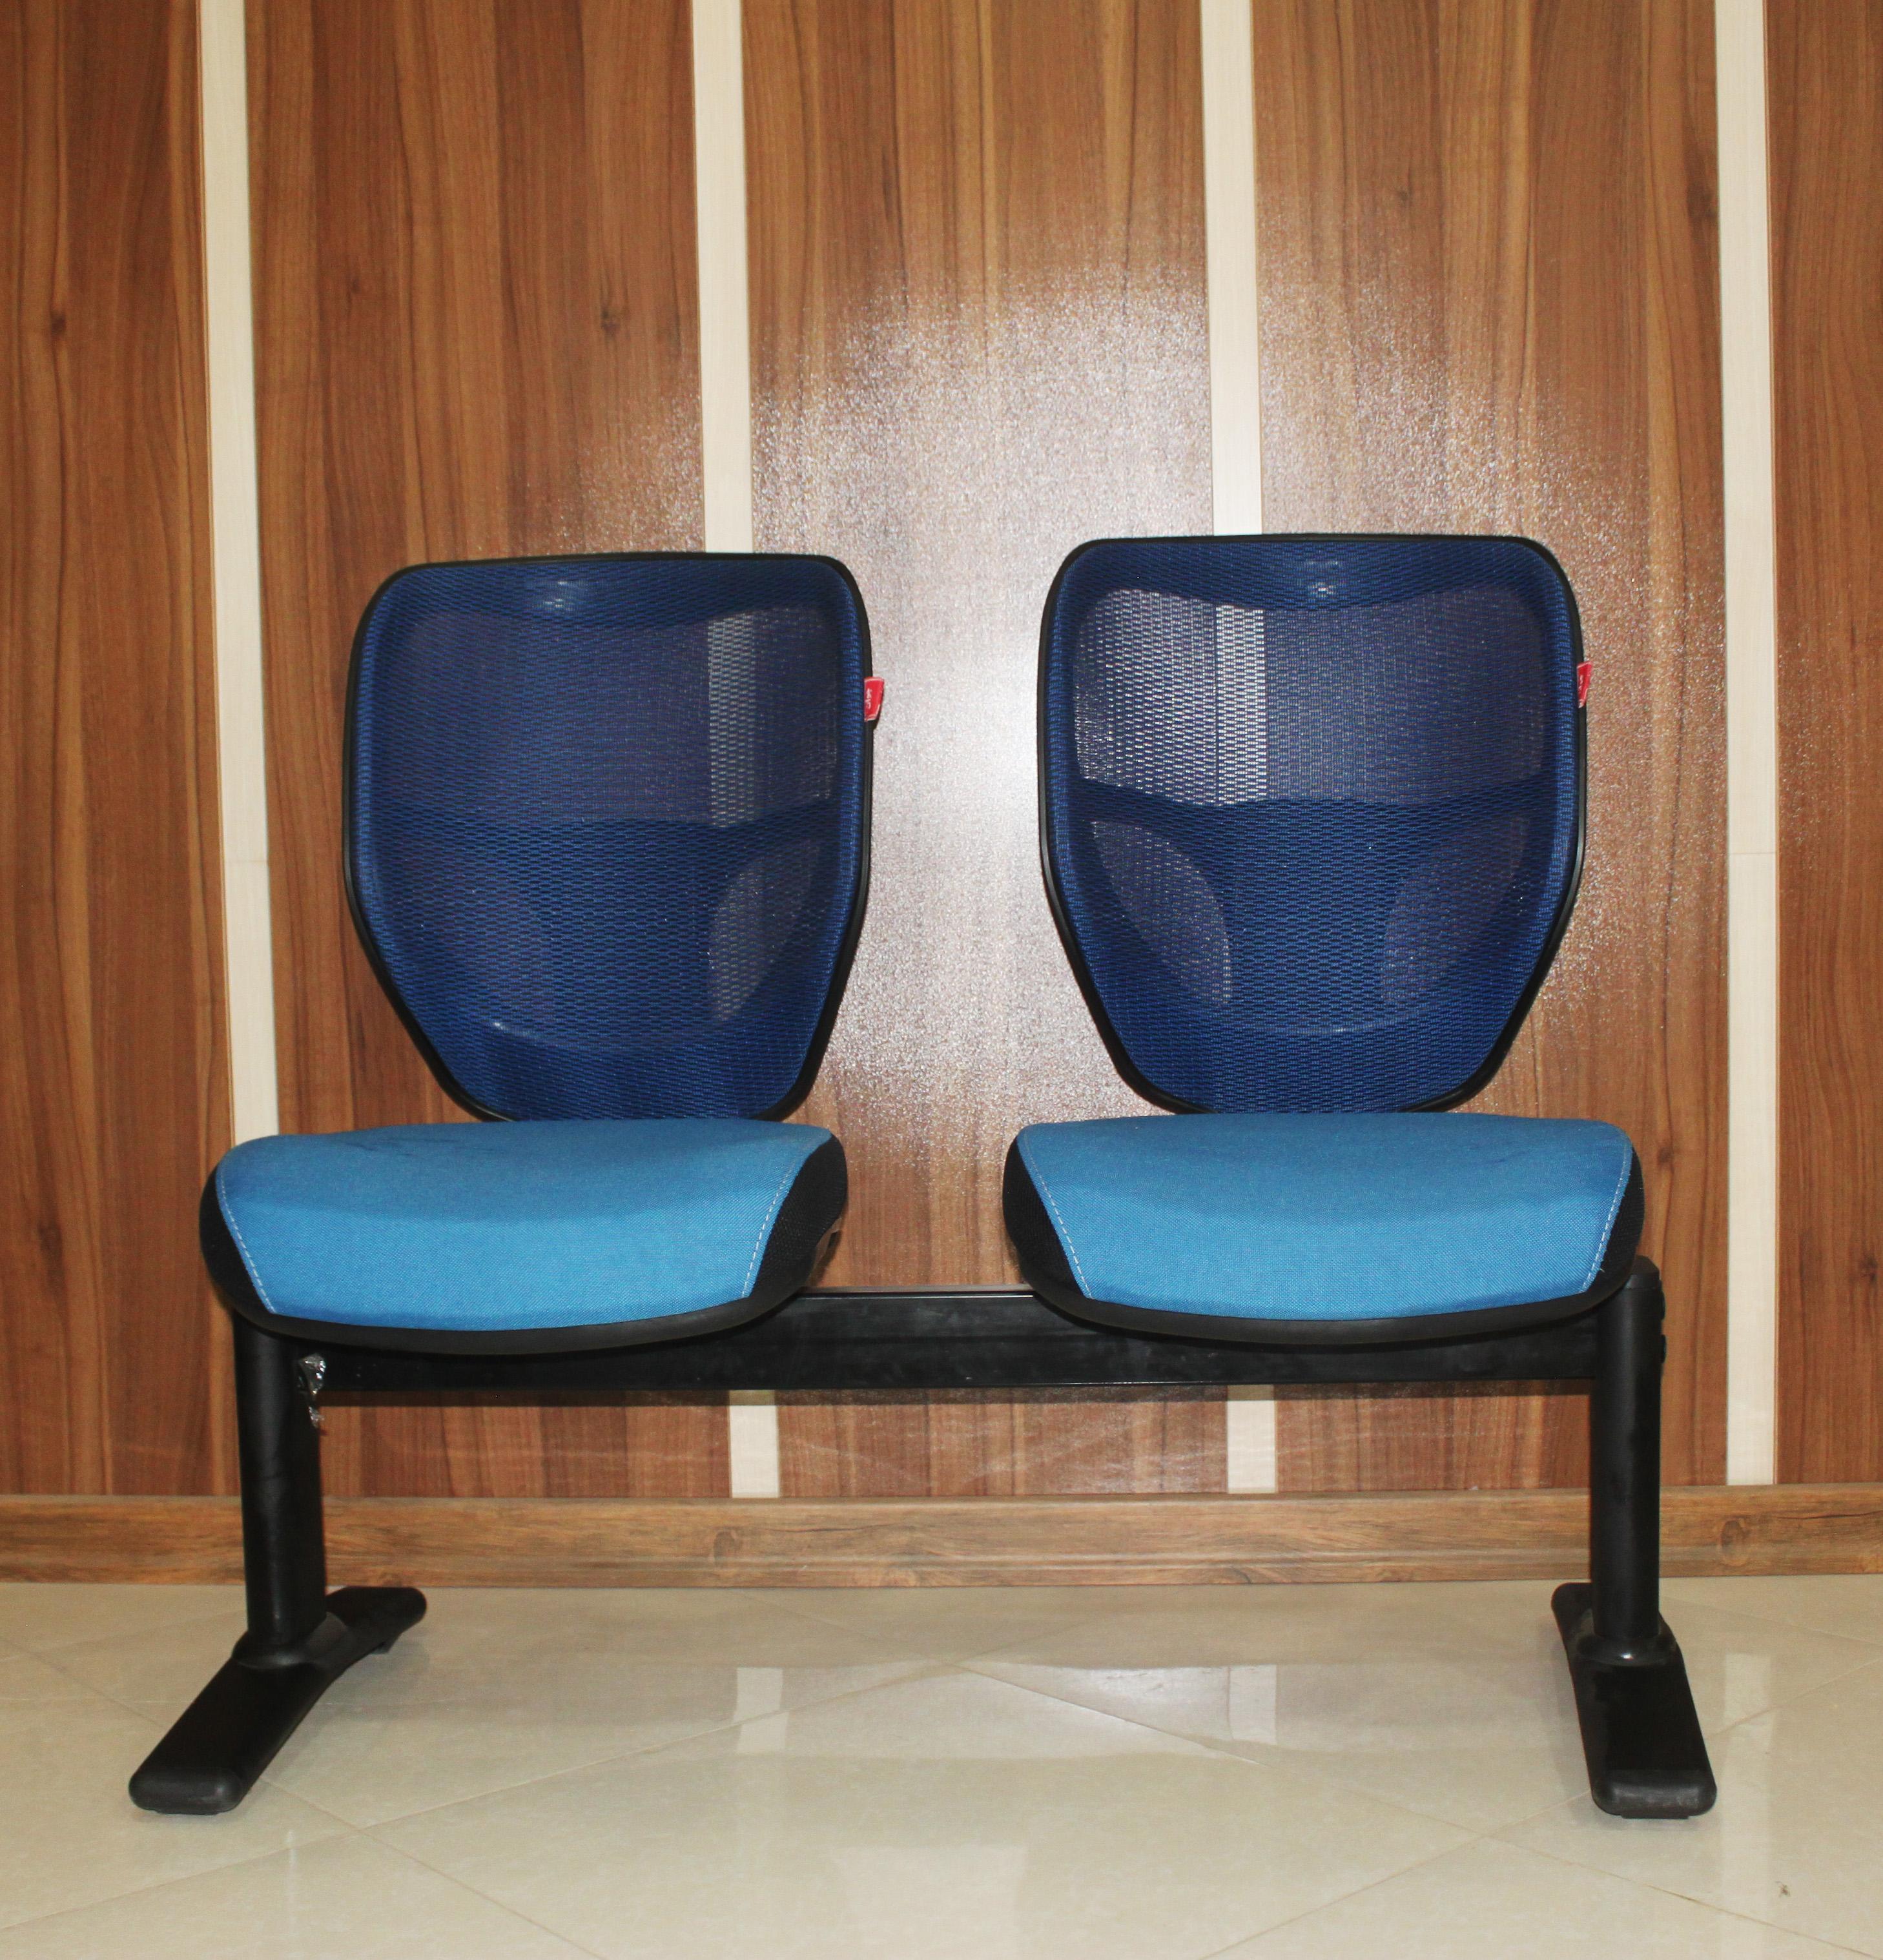 صندلی انتظار جوان مدل 2020 بدون دسته